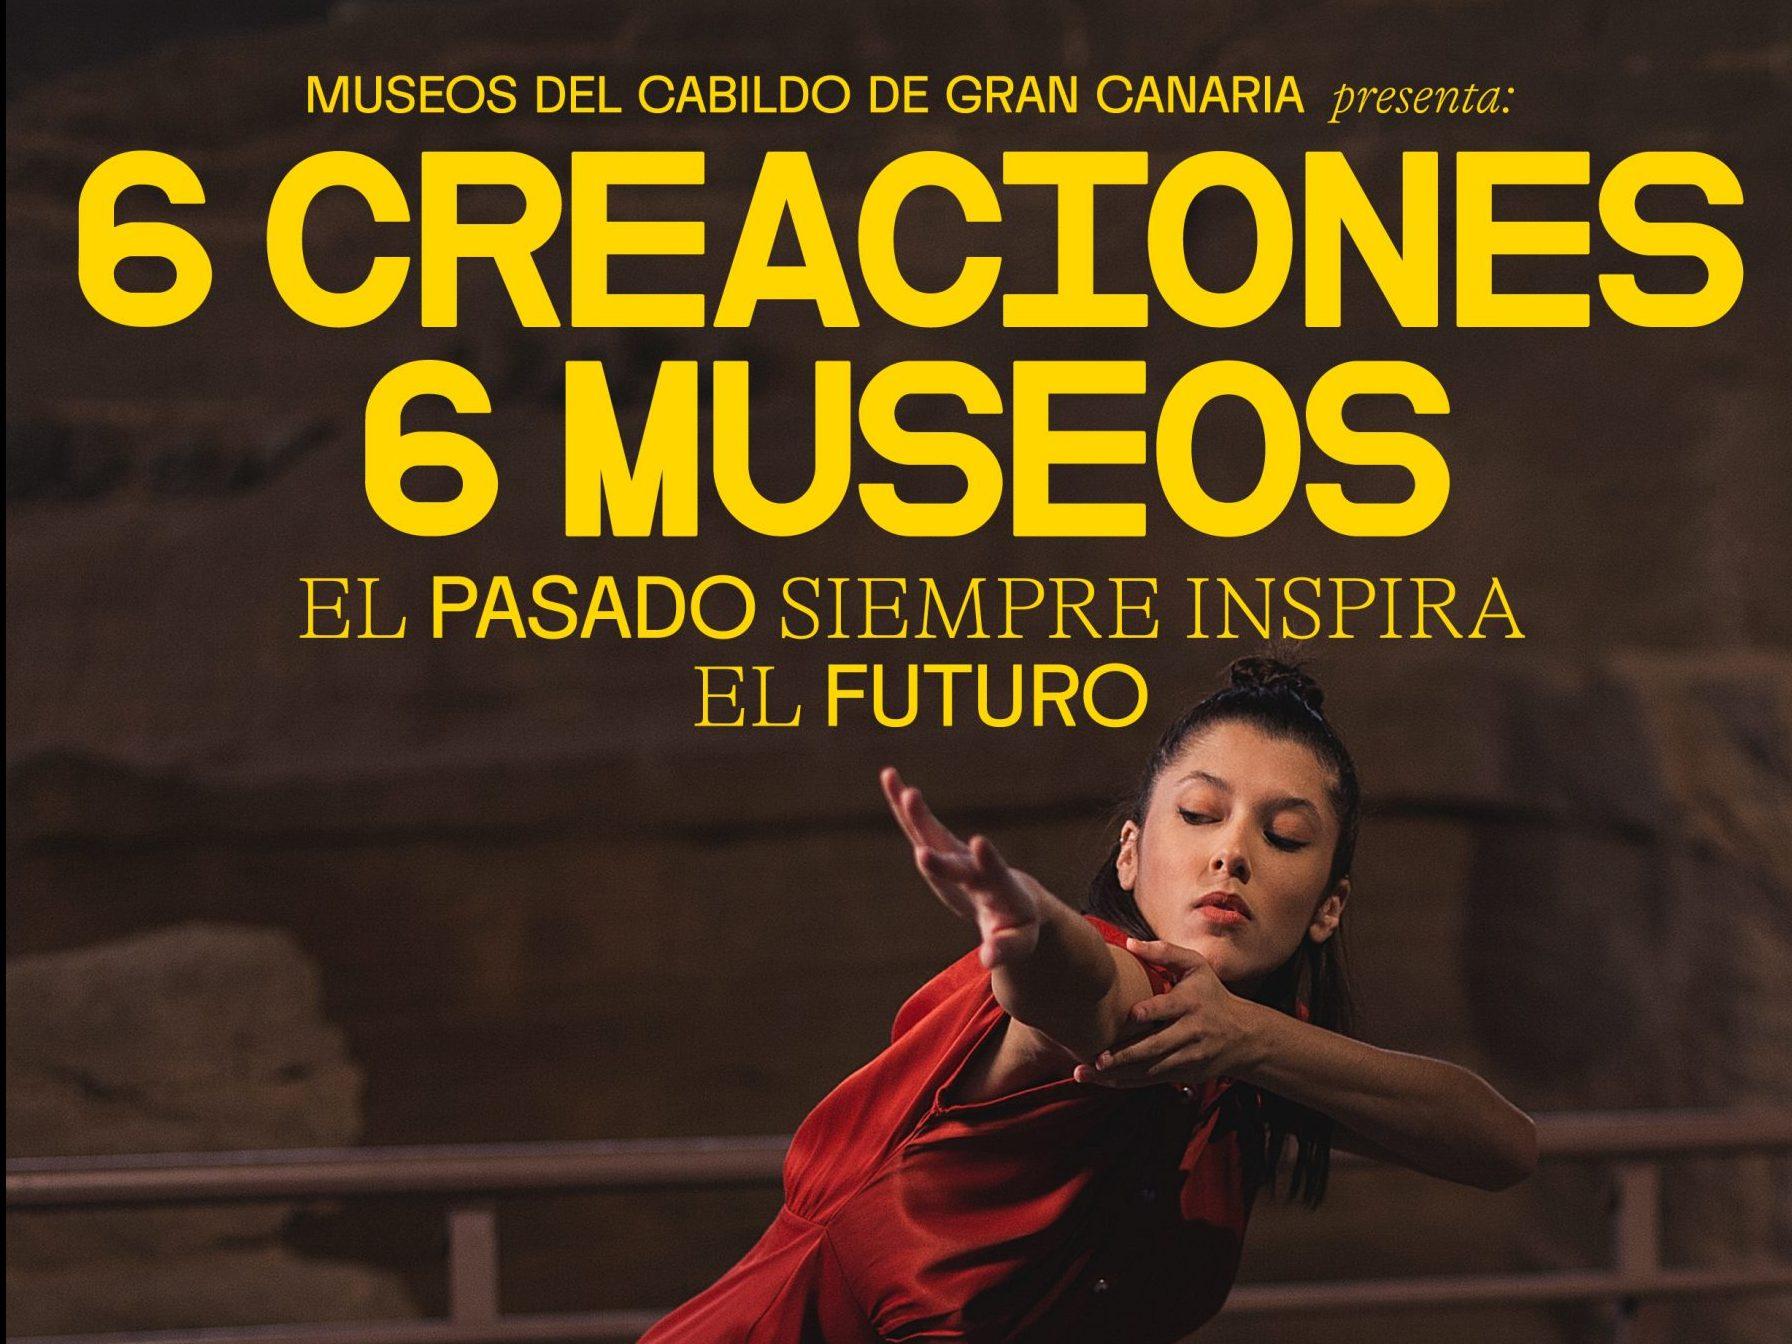 Los centros museísticos del Cabildo celebran el 'Día Internacional de los Museos' con una jornada de puertas abiertas, conciertos, talleres y mesas redondas